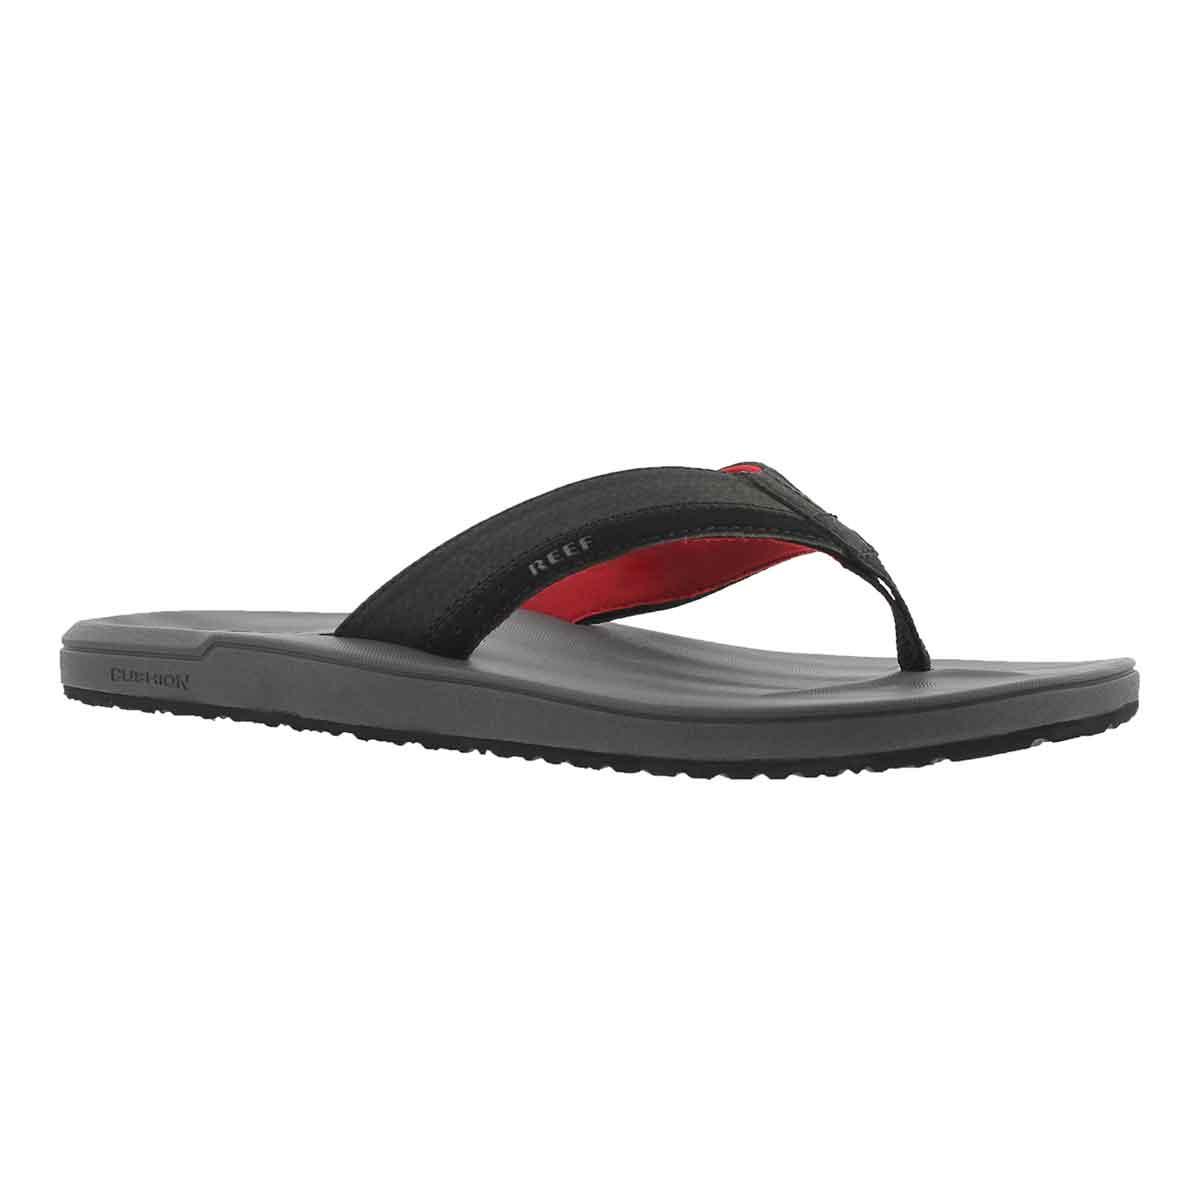 Men's CONTOURED CUSHION grey/red thong sandal